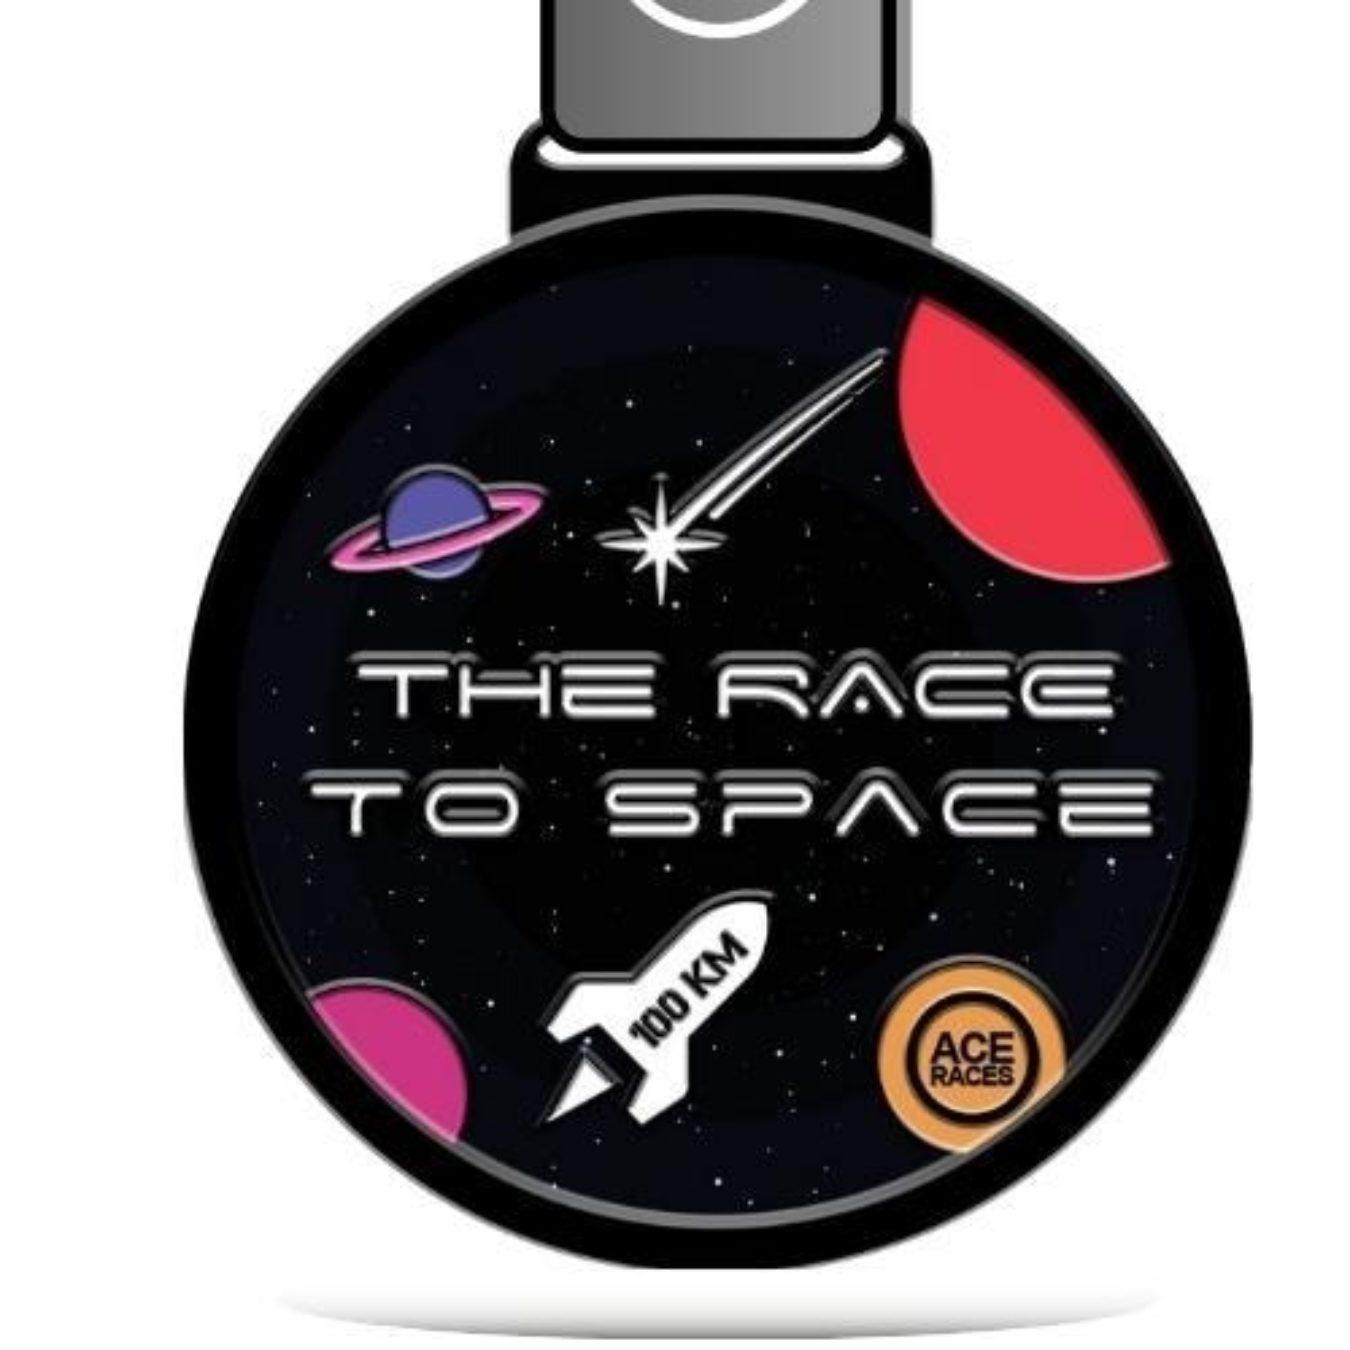 Racetospace